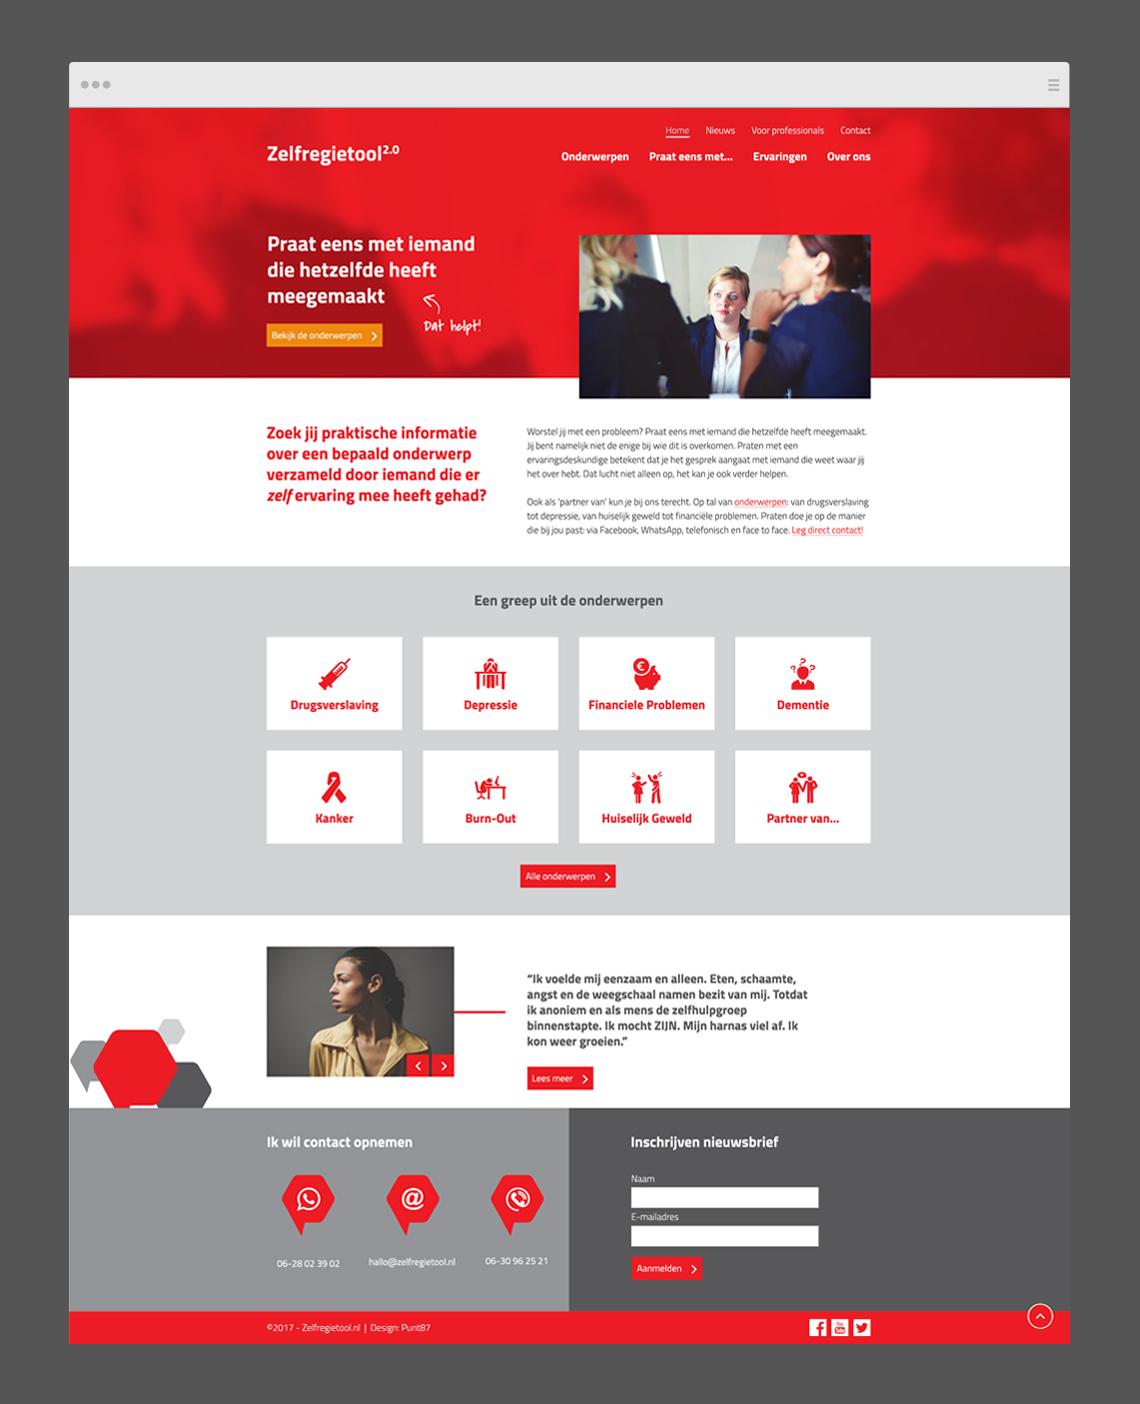 Zelfregienetwerk website